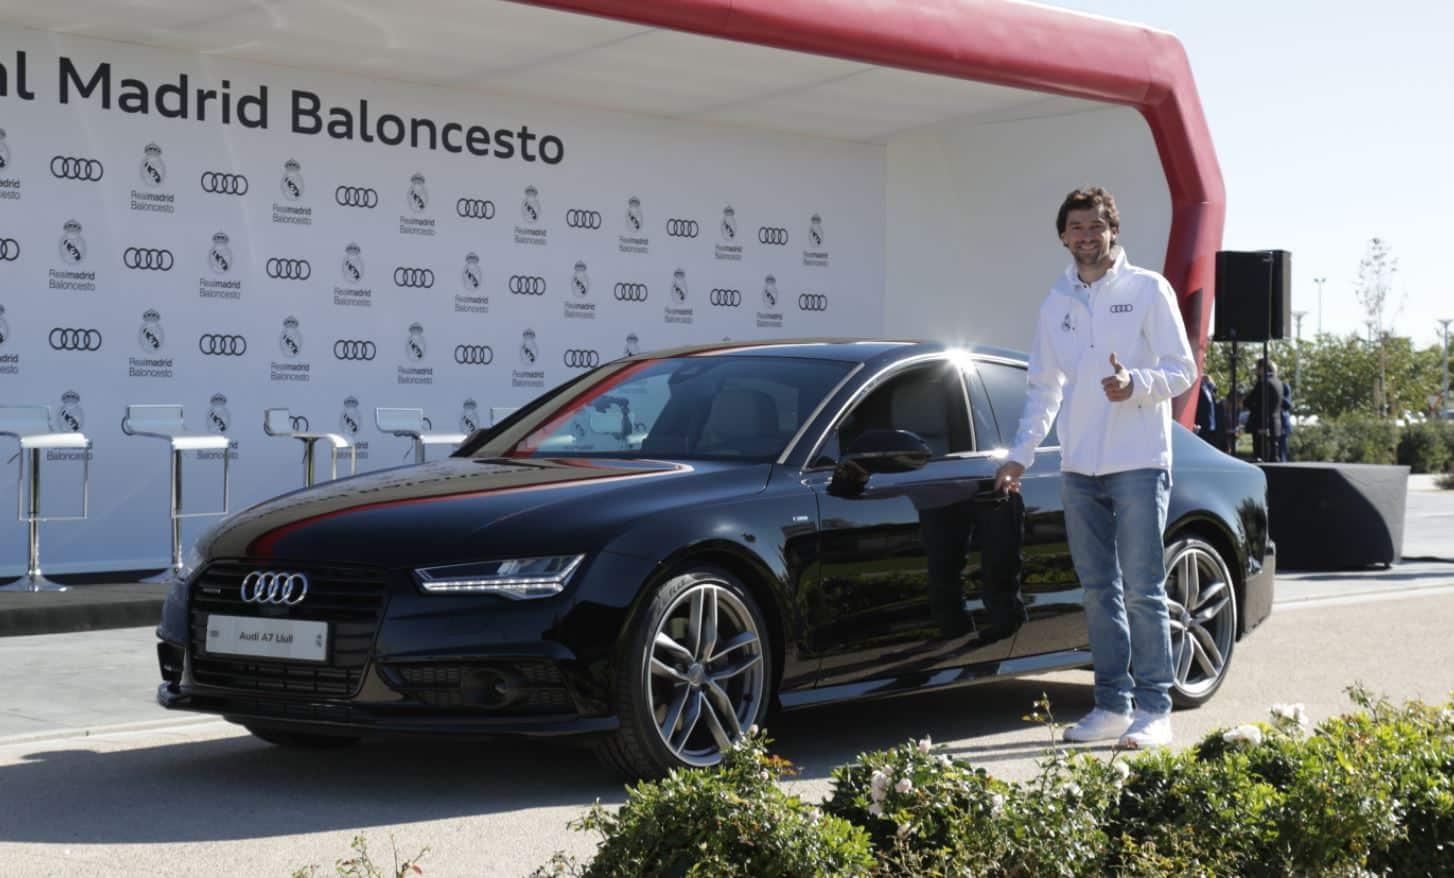 Audi para todos!: Los jugadores del Real Madrid Baloncesto reciben ...